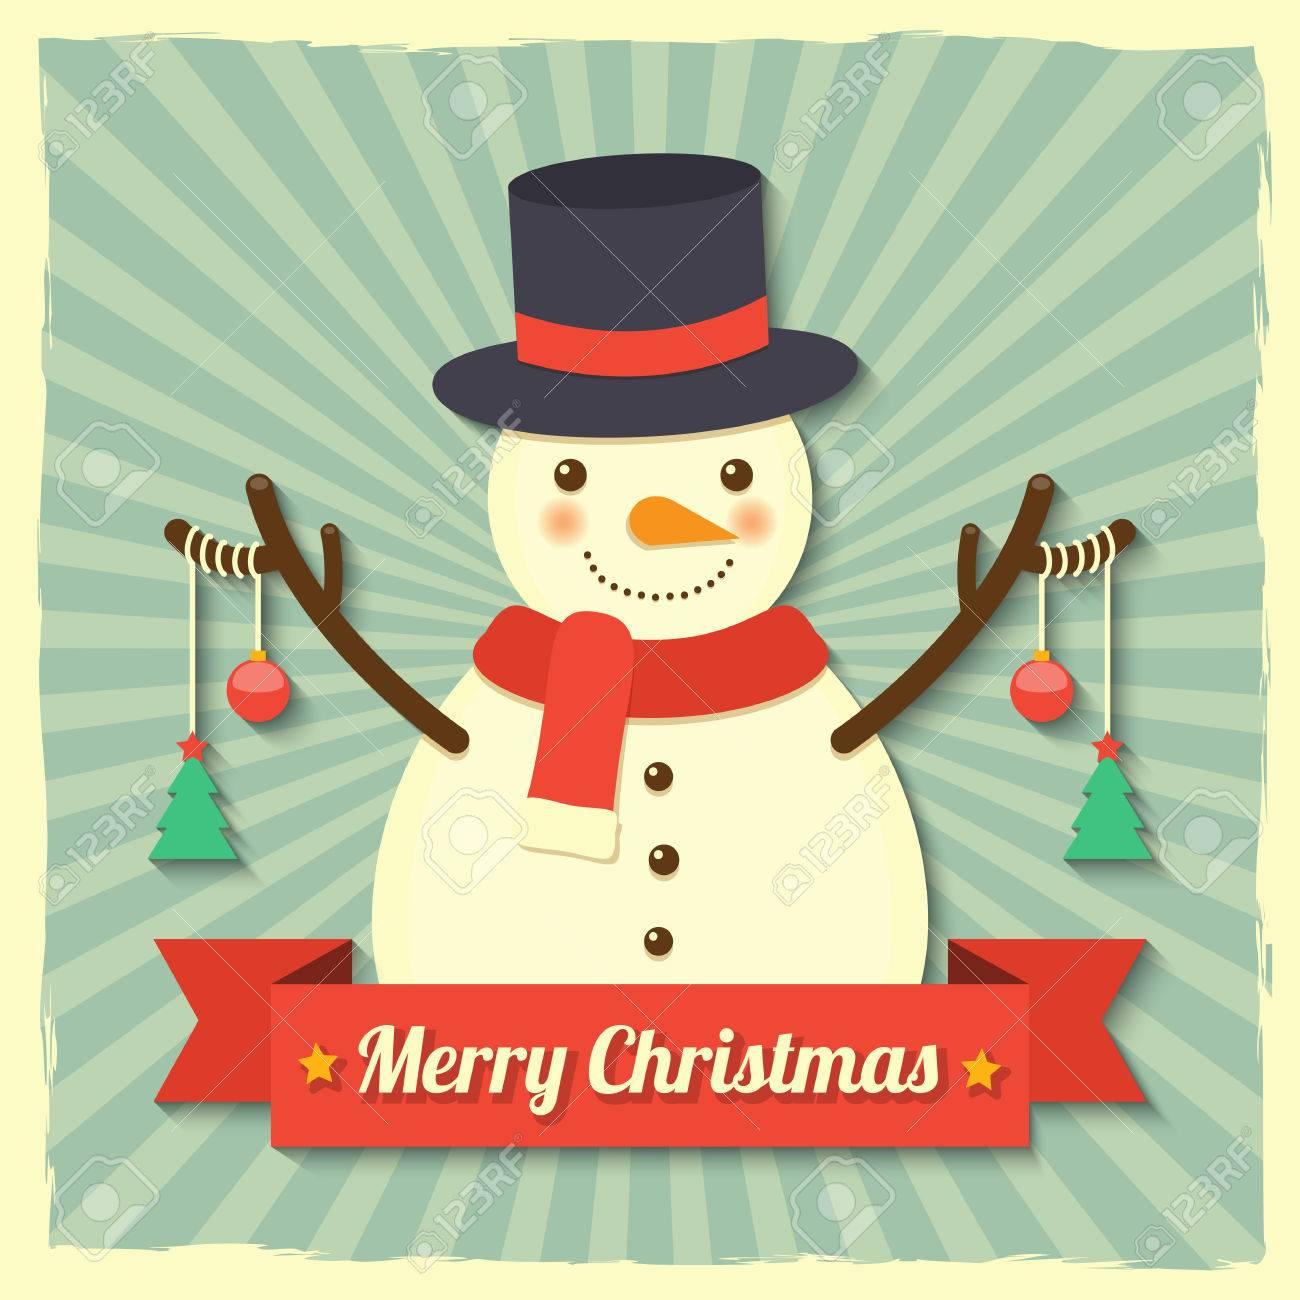 Schneemann Tragen Hut Und Schal Mit Weihnachtskugeln Und ...